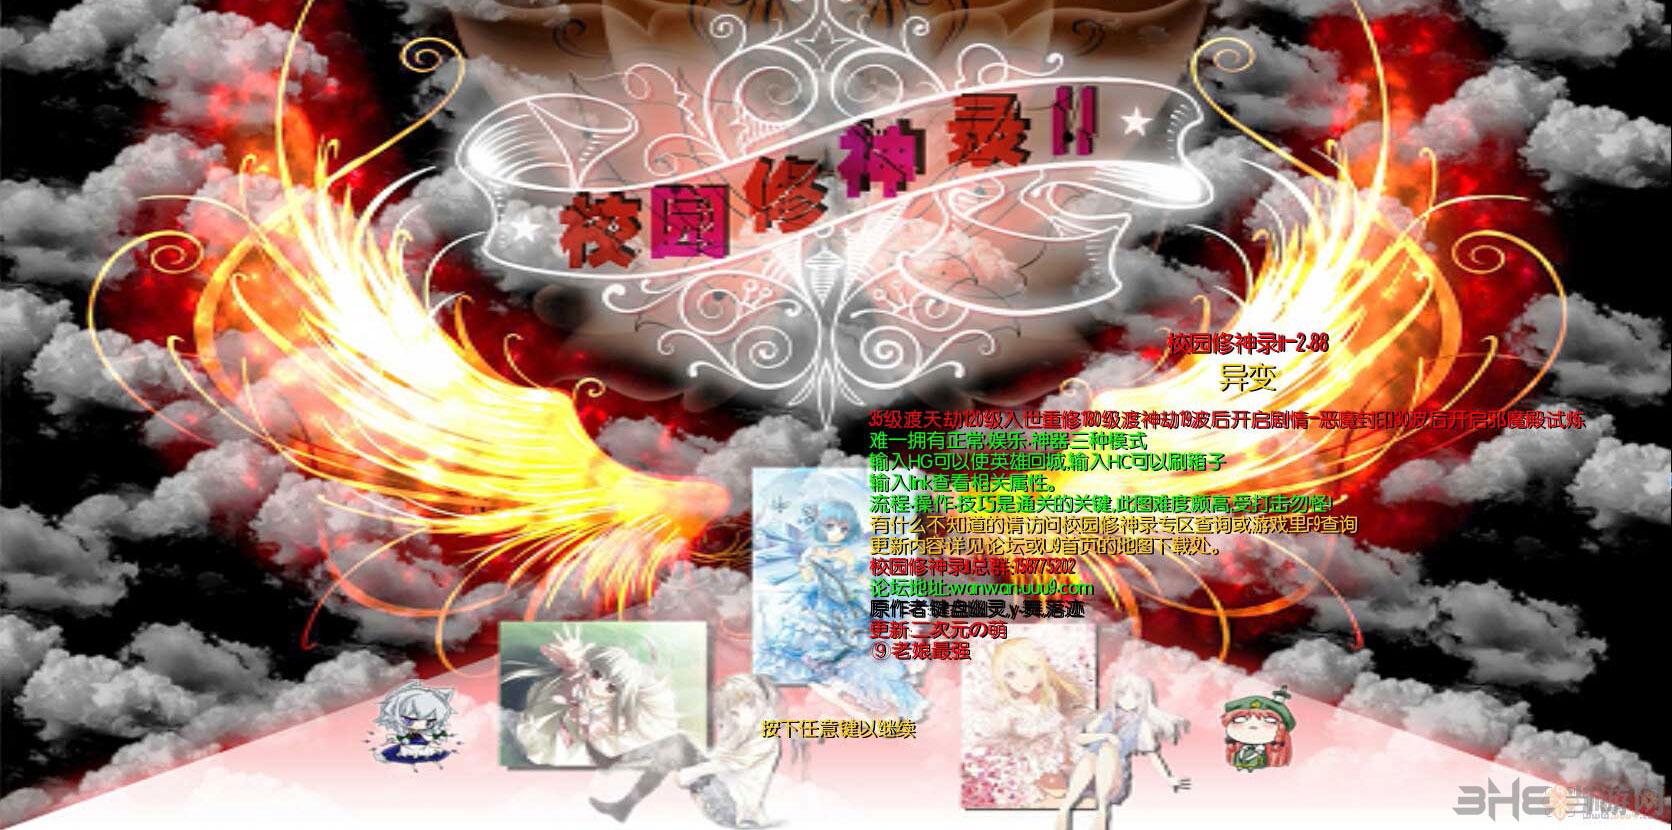 魔兽争霸3冰封王座校园修神录II异变截图1